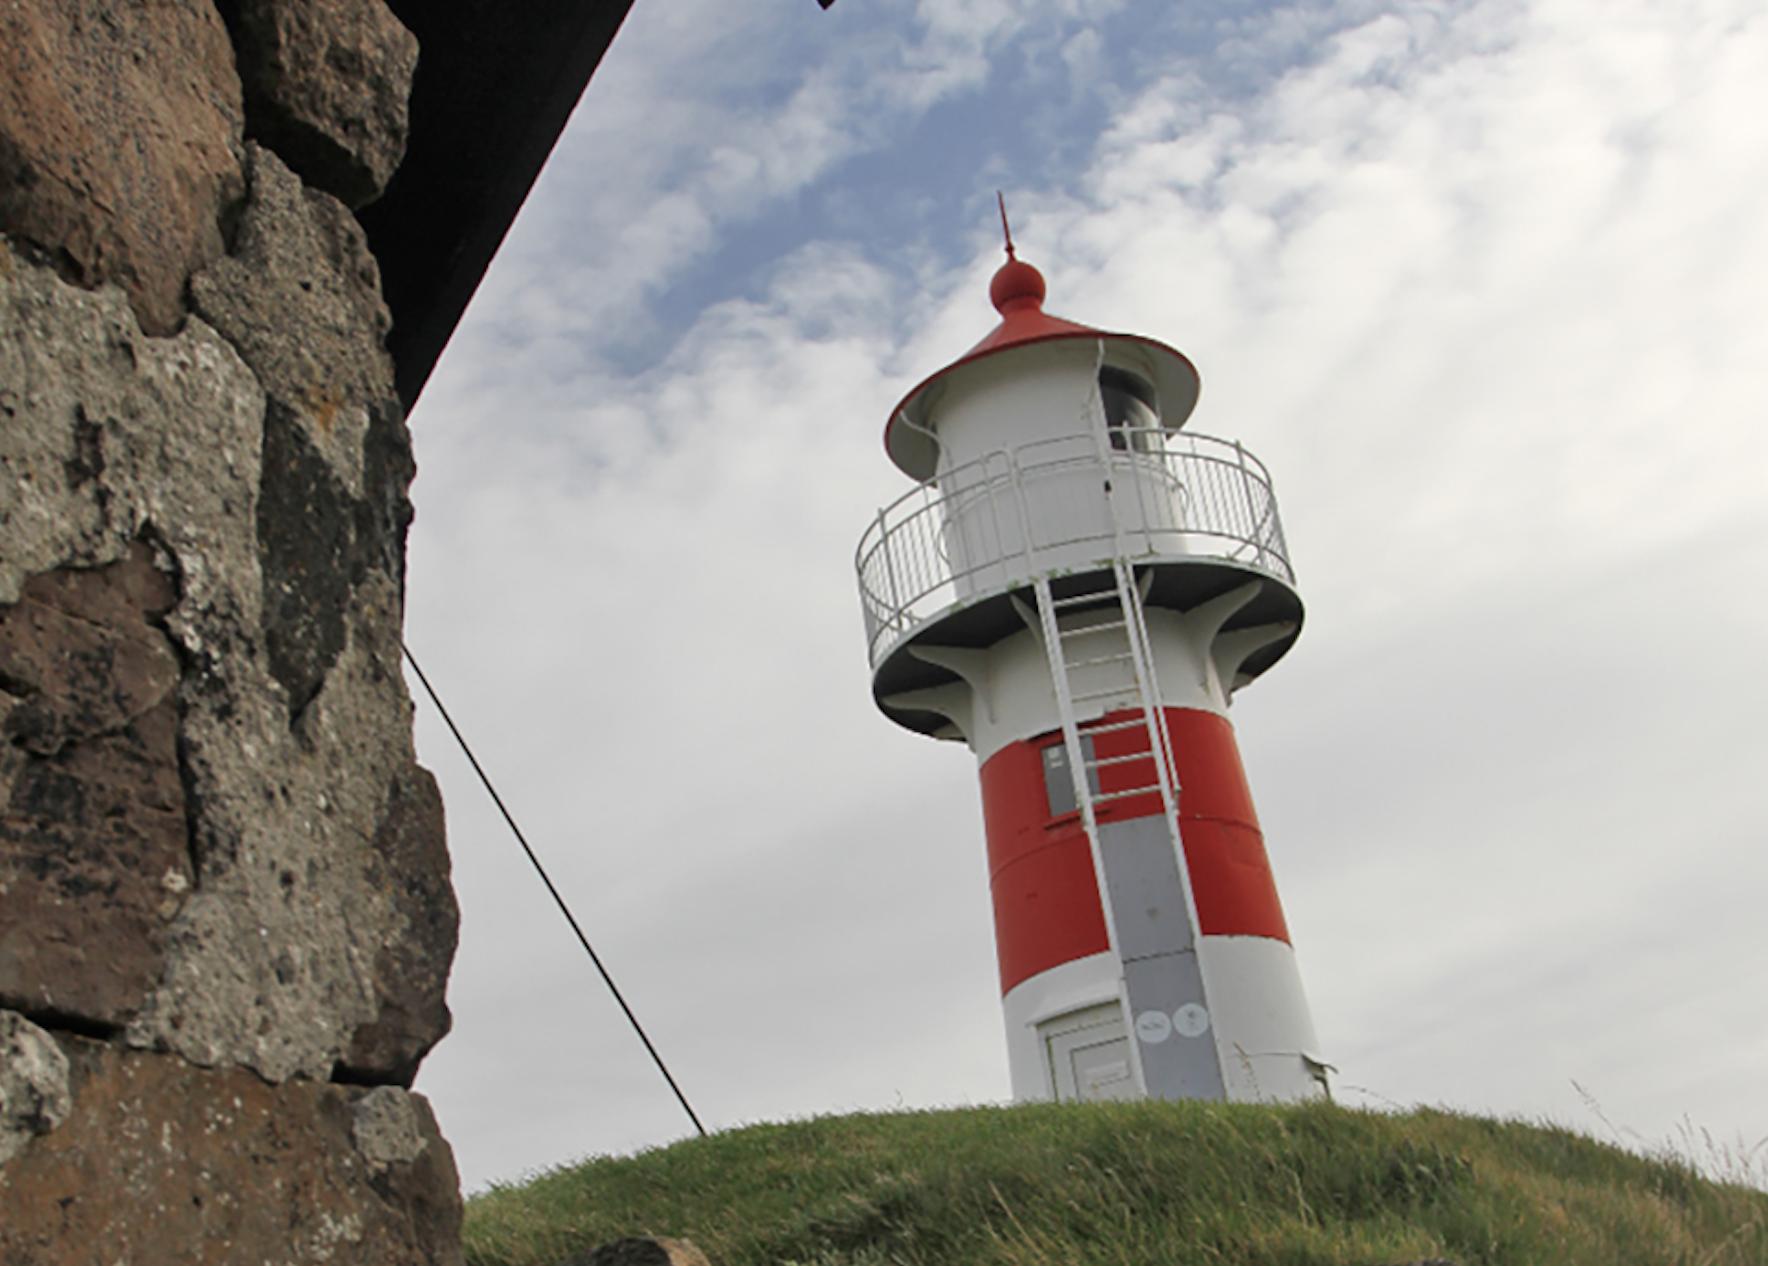 Fyrtårnet på Skansin- Torshavn festning.